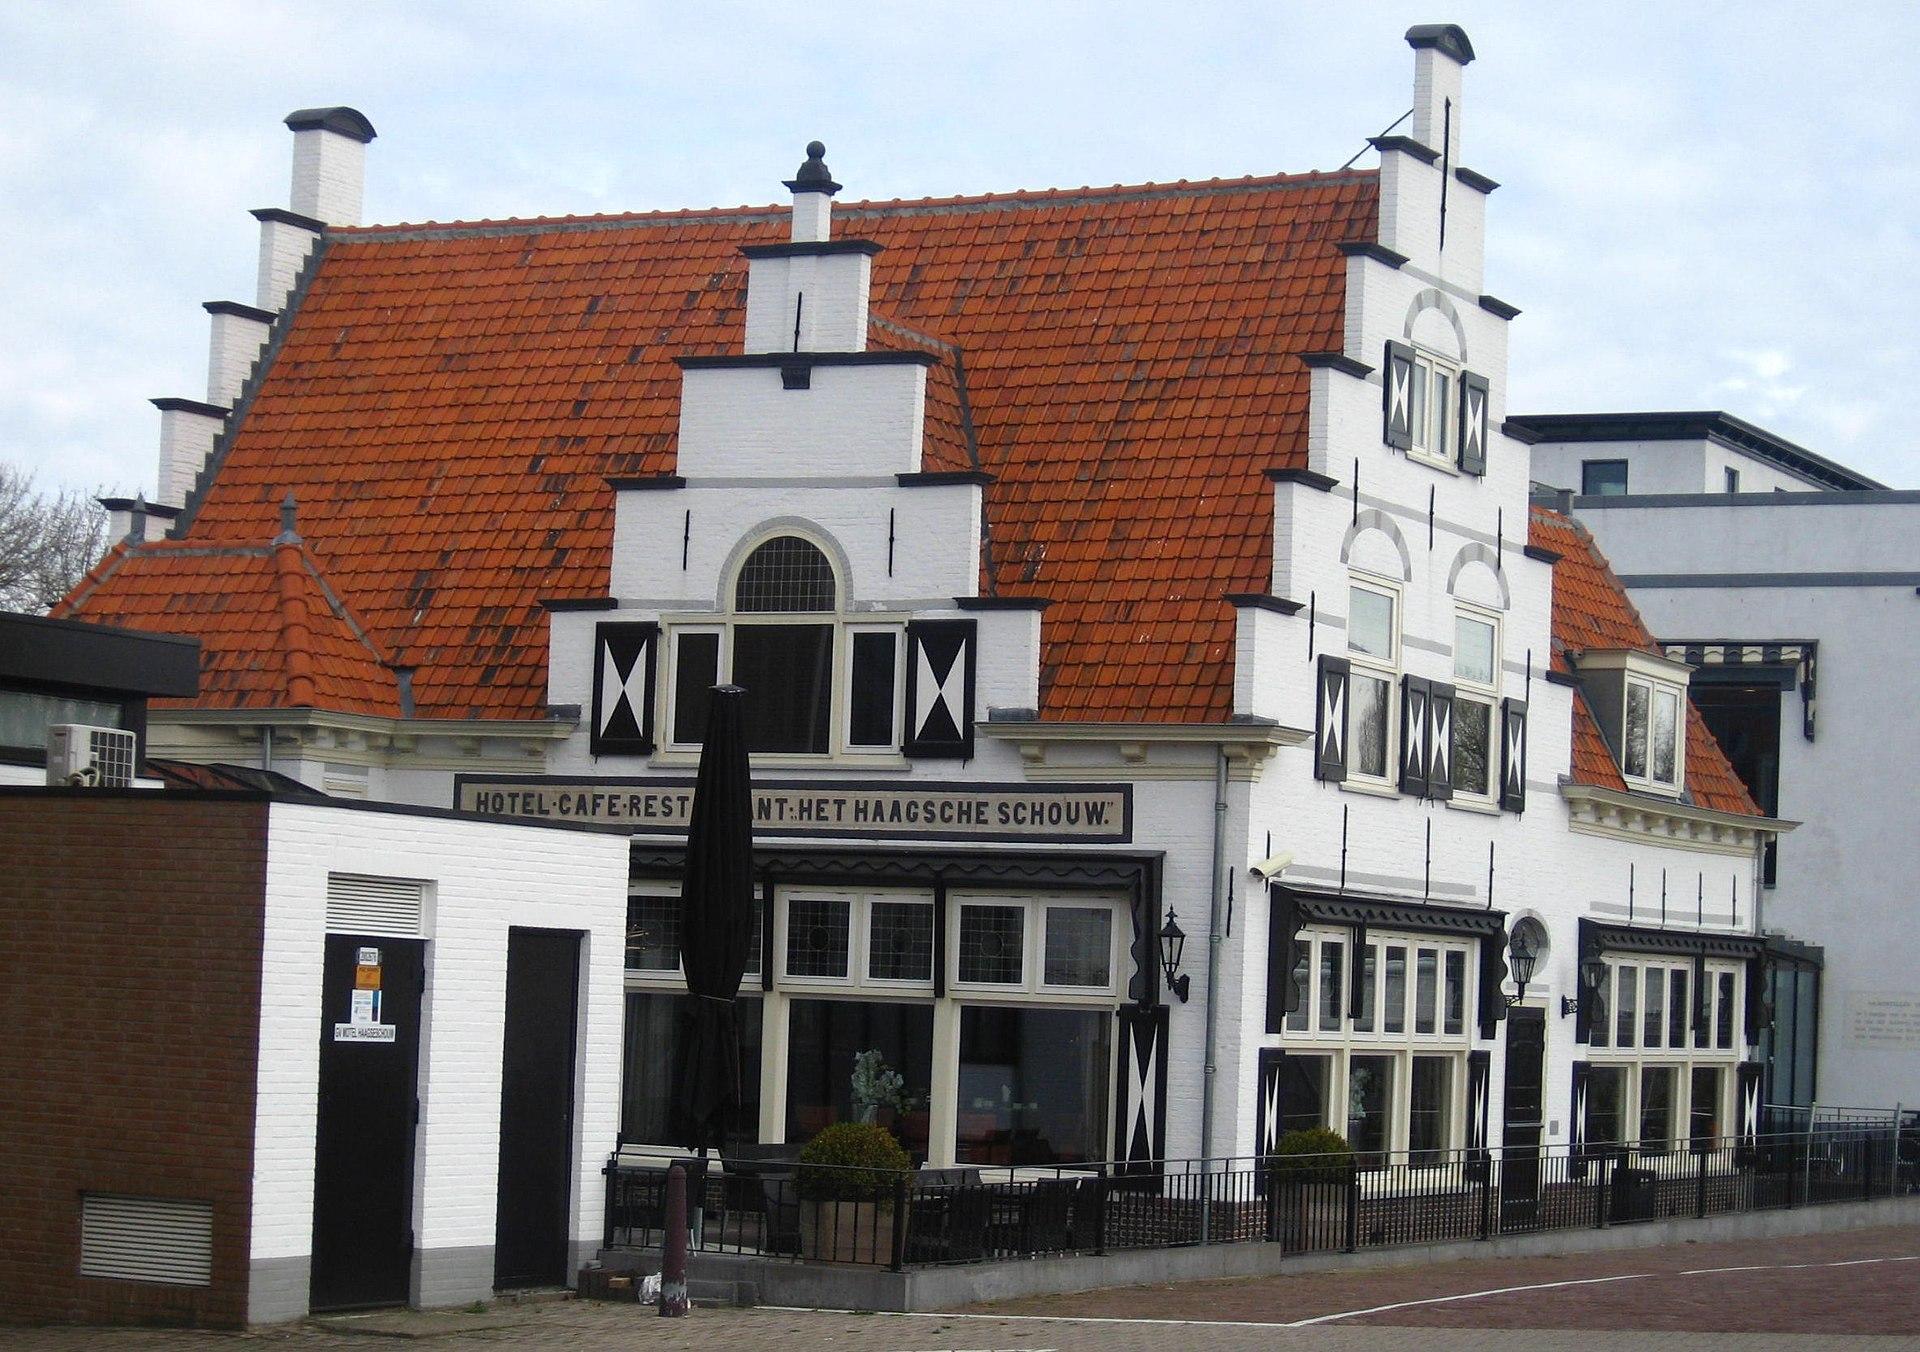 Het Haagsche Schouw - Wikipedia